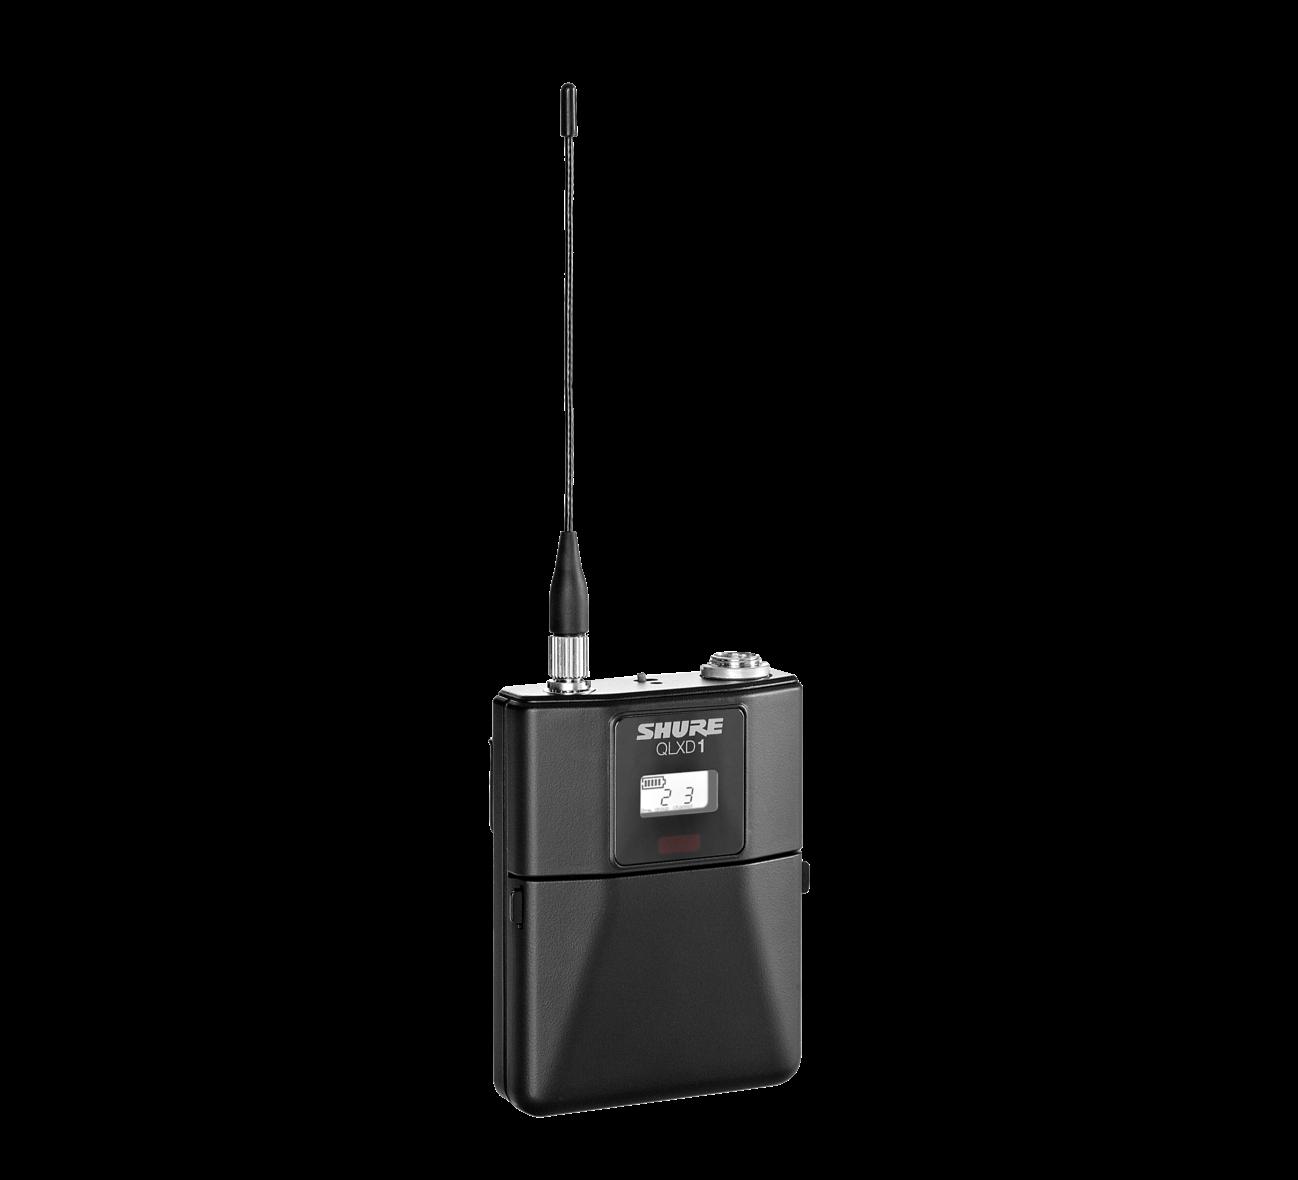 bodypack transmitter Shure - Media Service België